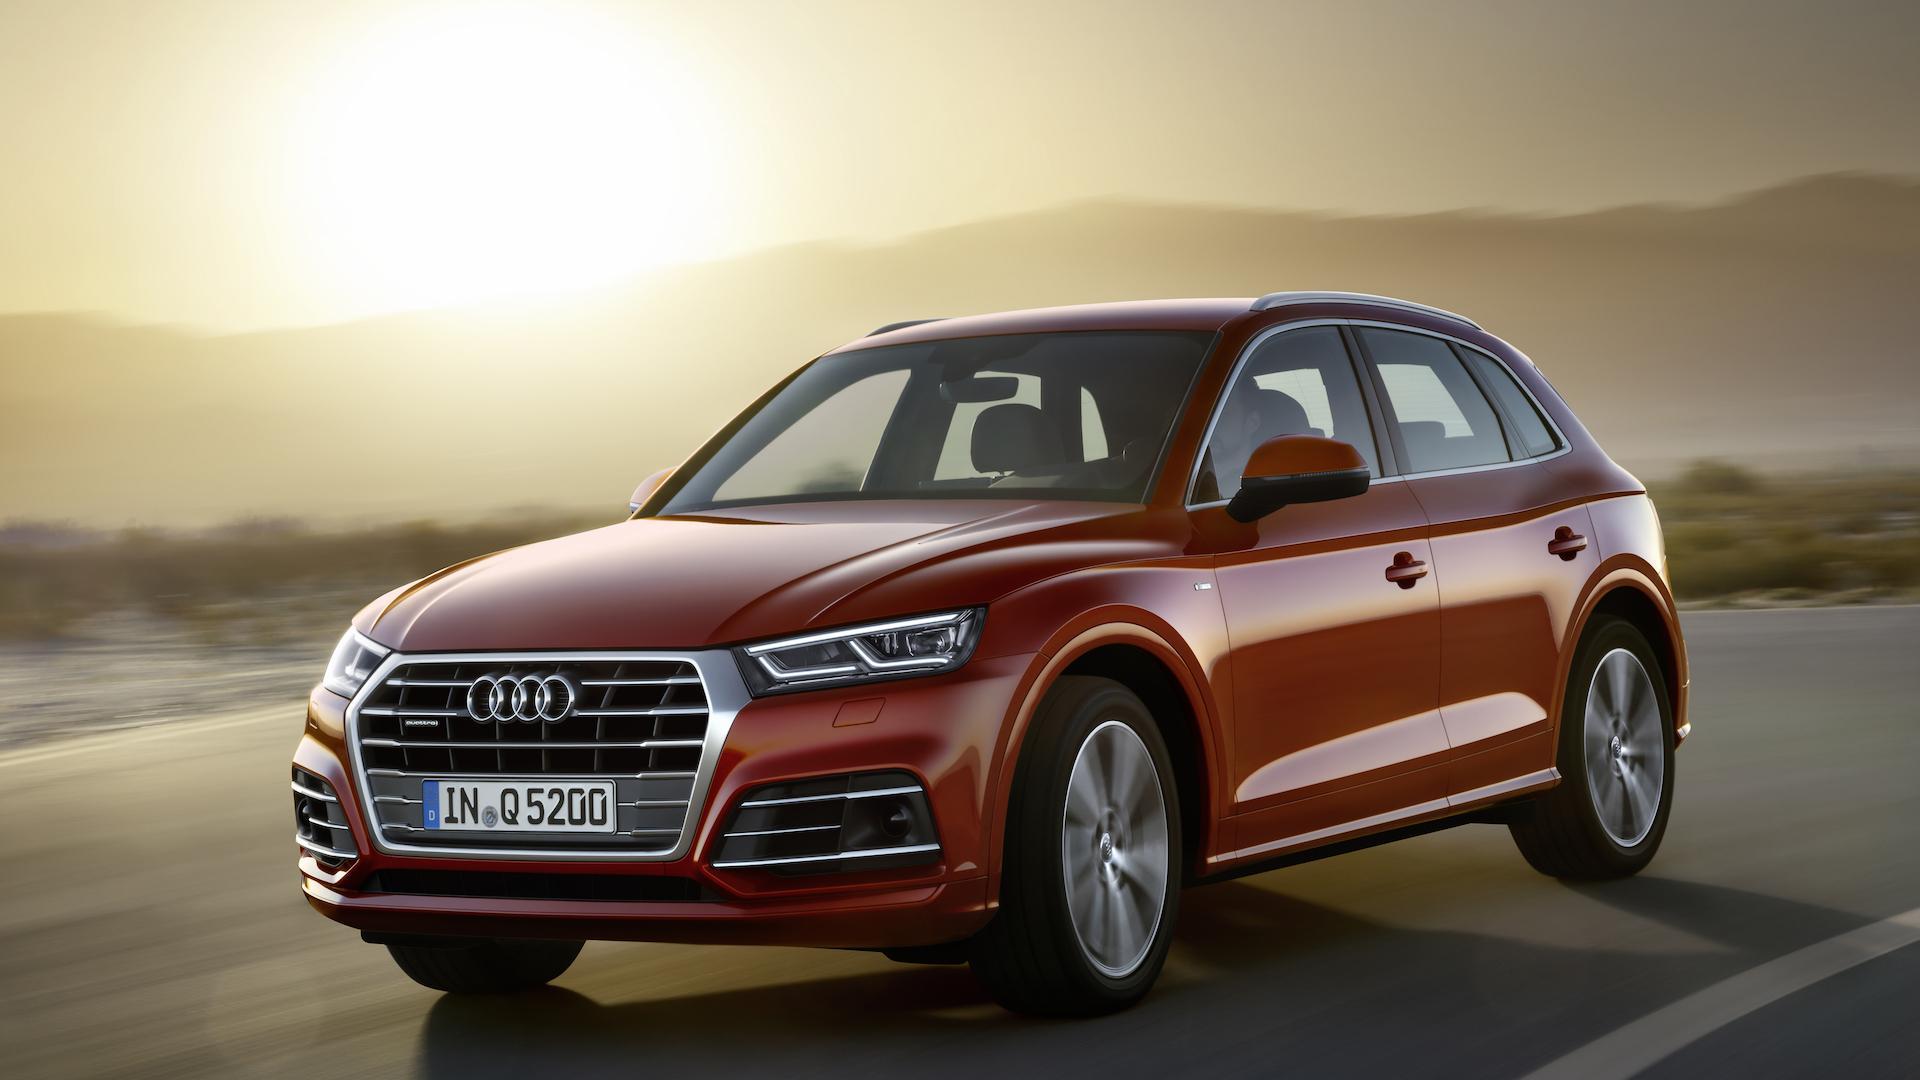 Audi presentó la segunda generación del Q5: a la venta desde principios de 2017